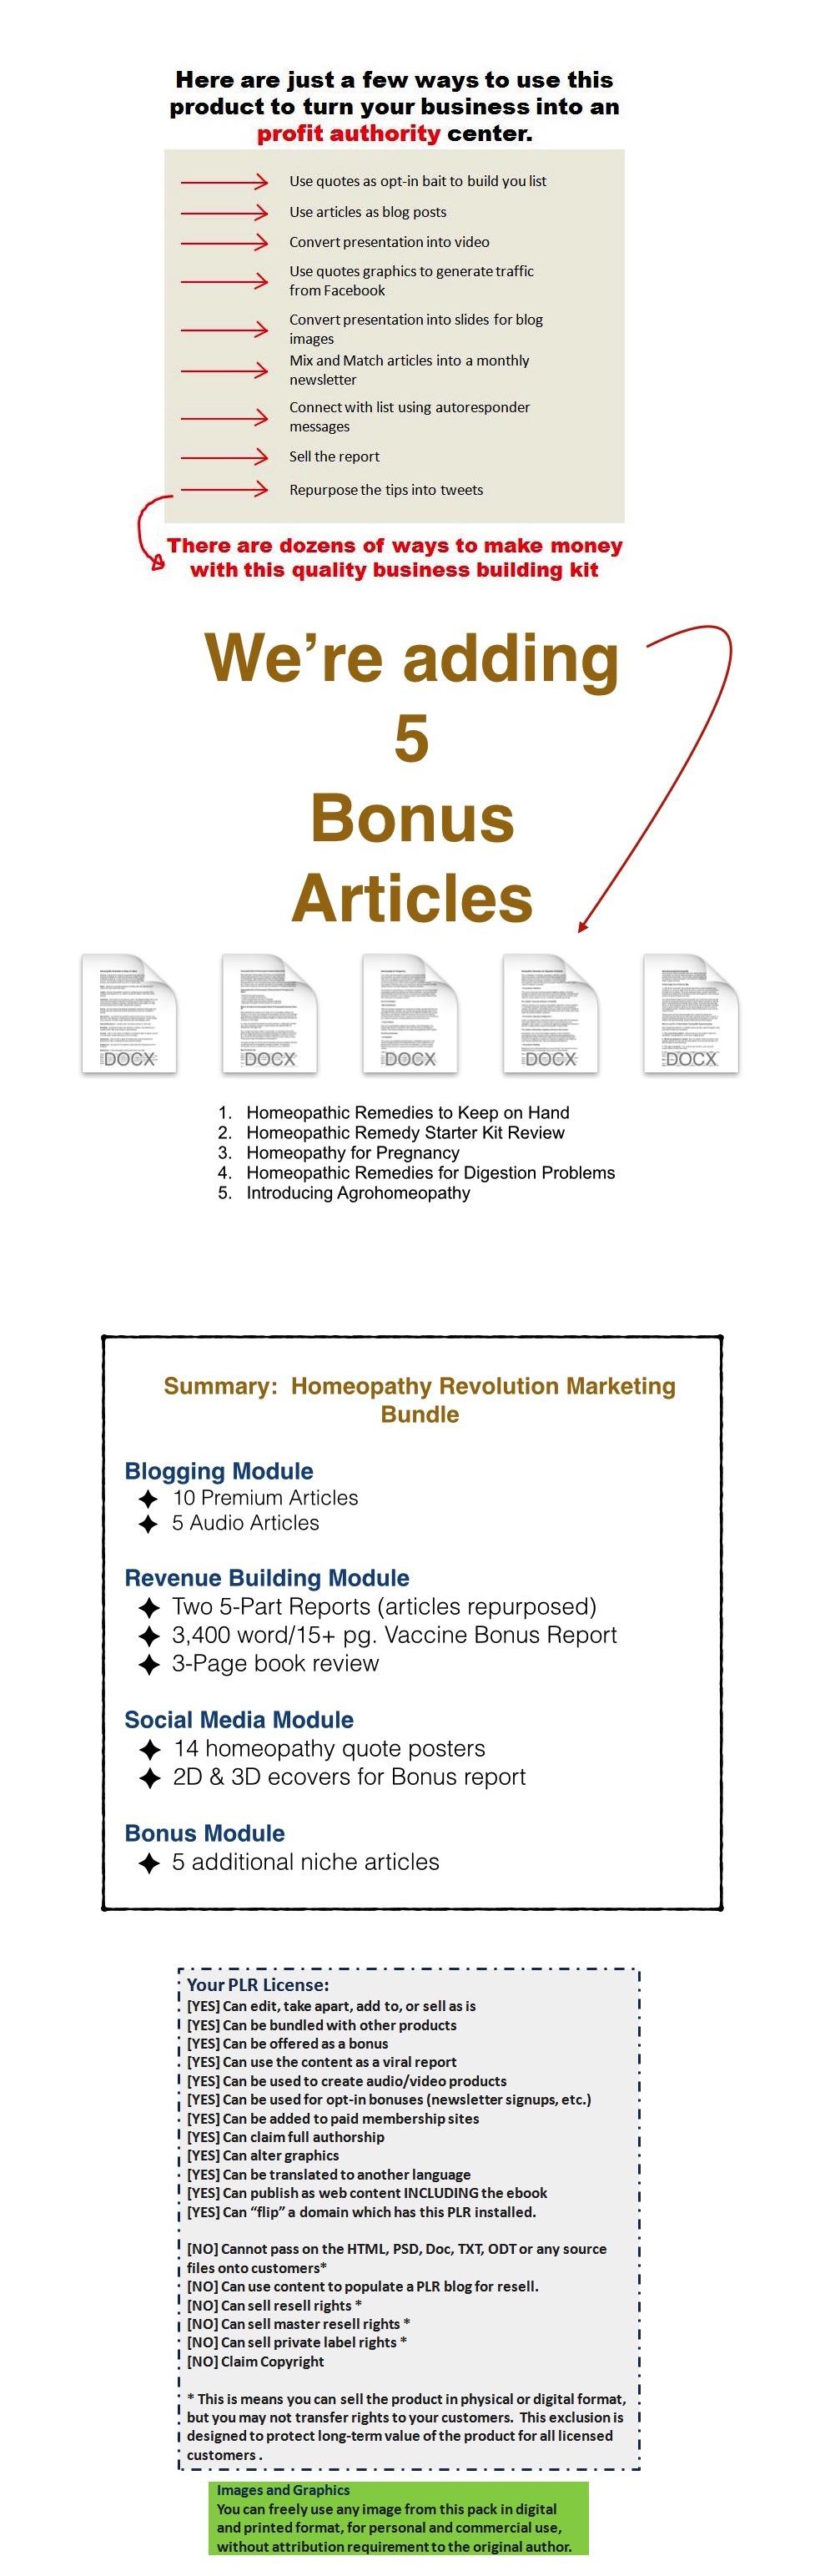 homeopathy-cb_r4_c1b